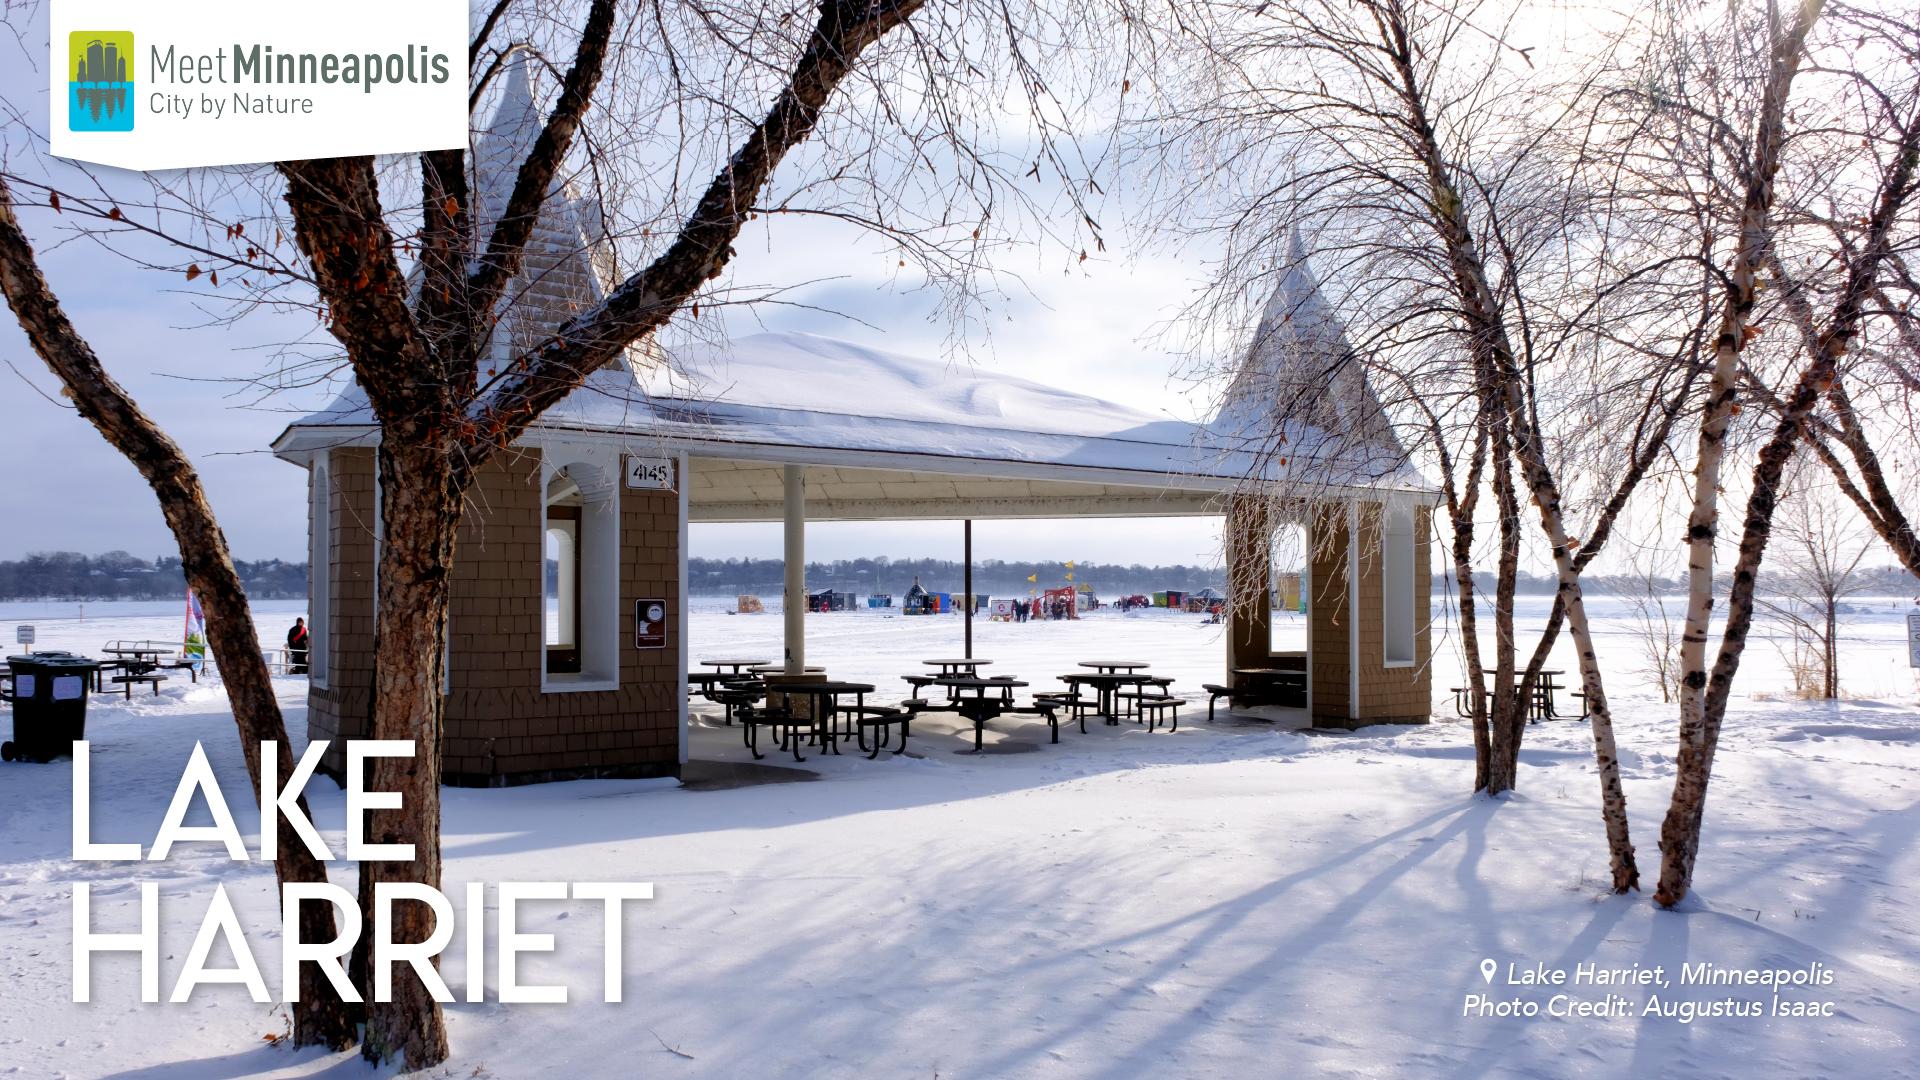 lake harriet in winter